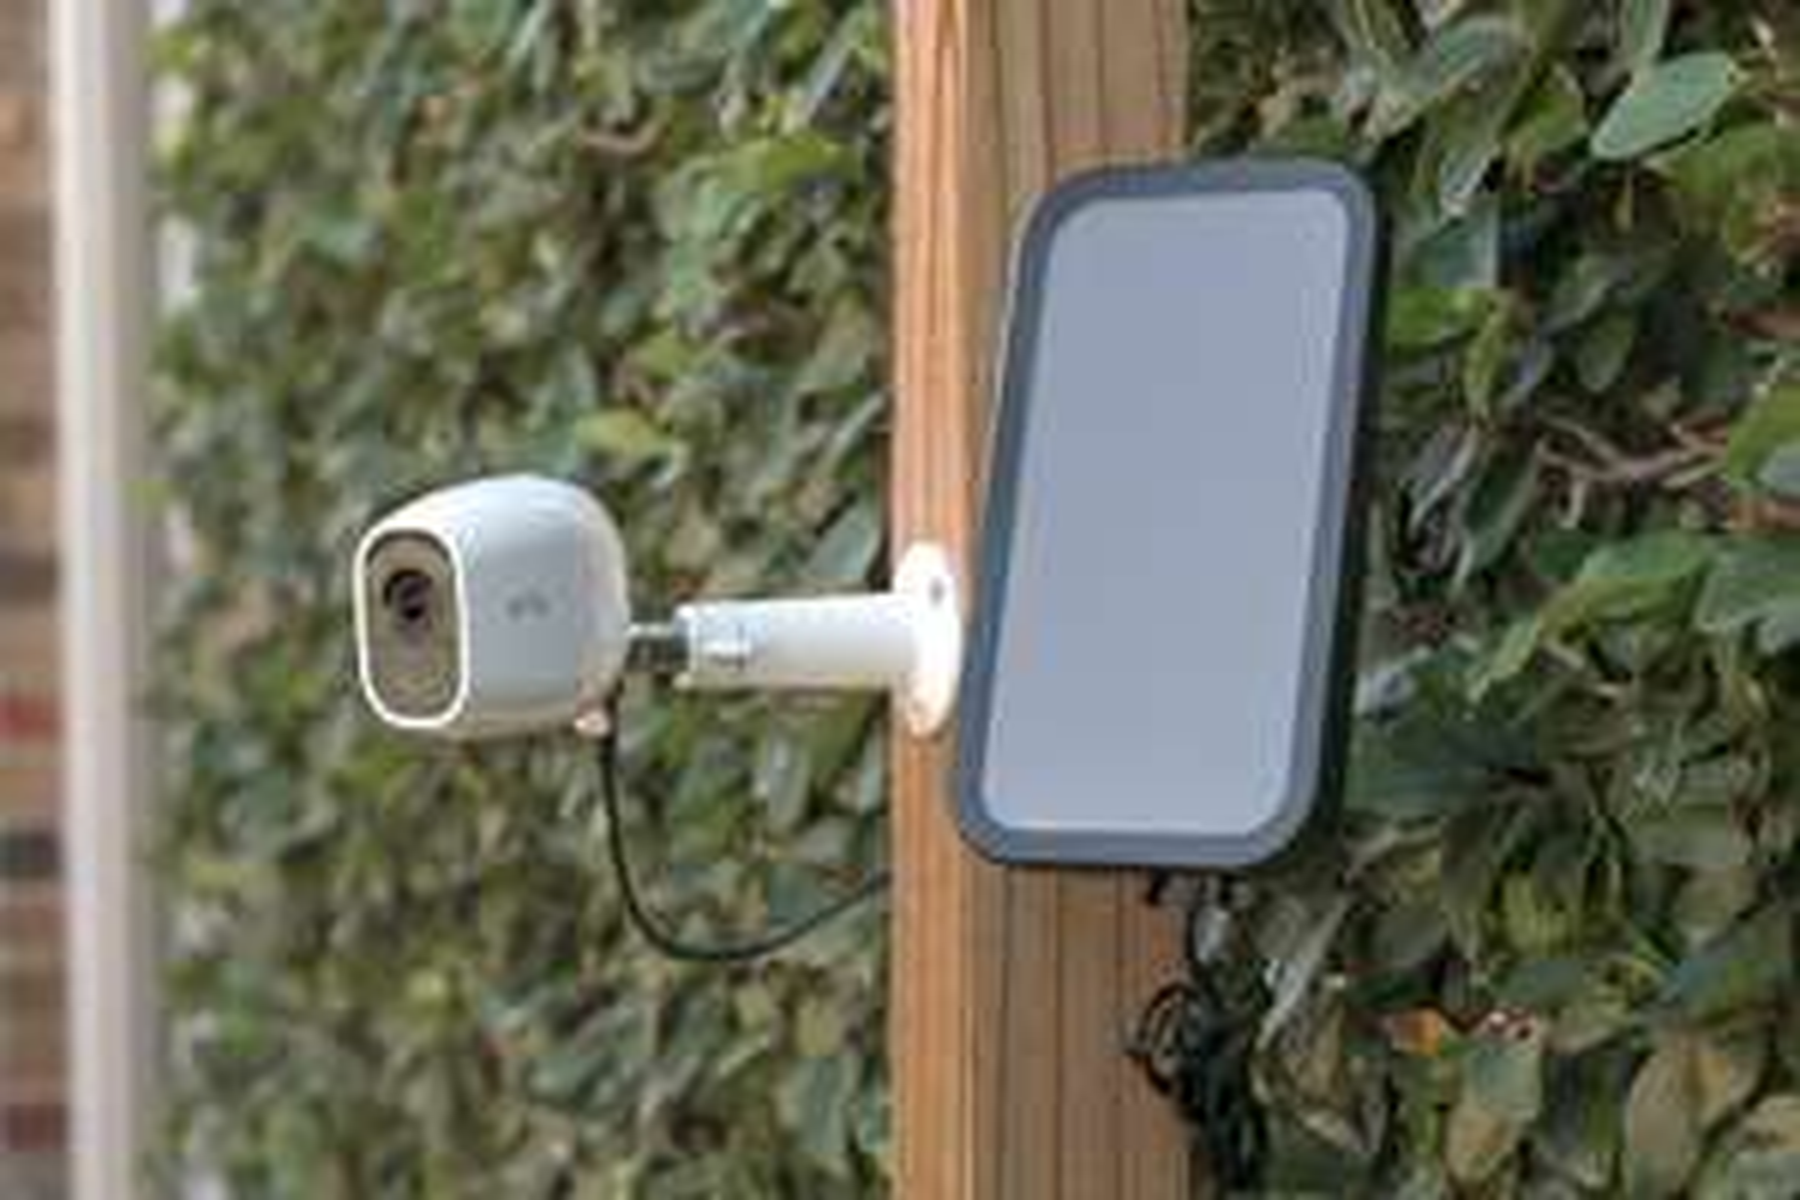 Gratis Zubehör beim Kauf von Arlo Pro 2 WLAN Überwachungskameras